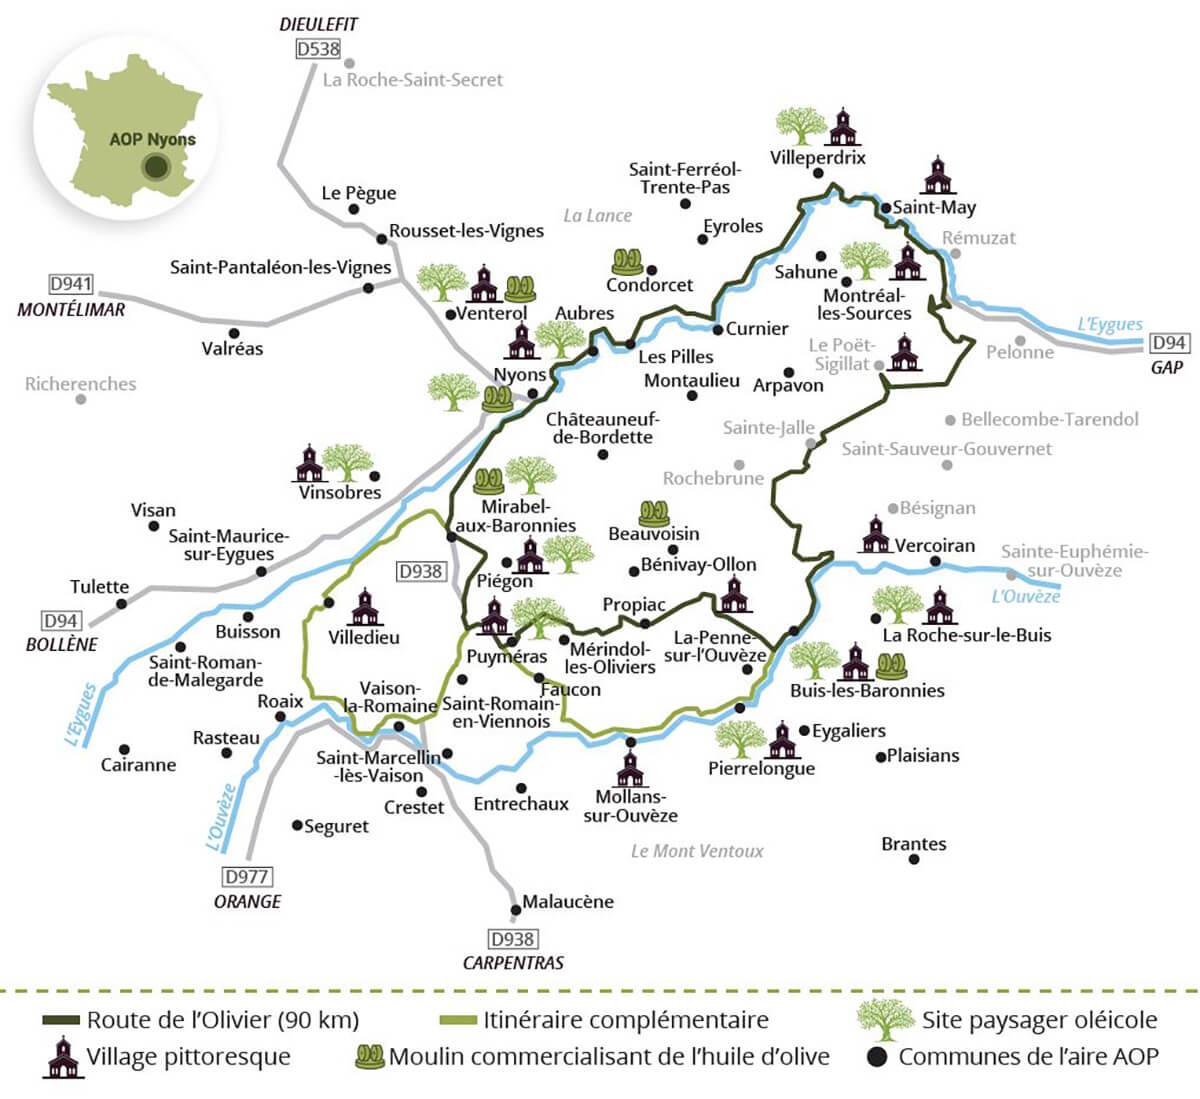 Kaart van de Route de l'Olivier